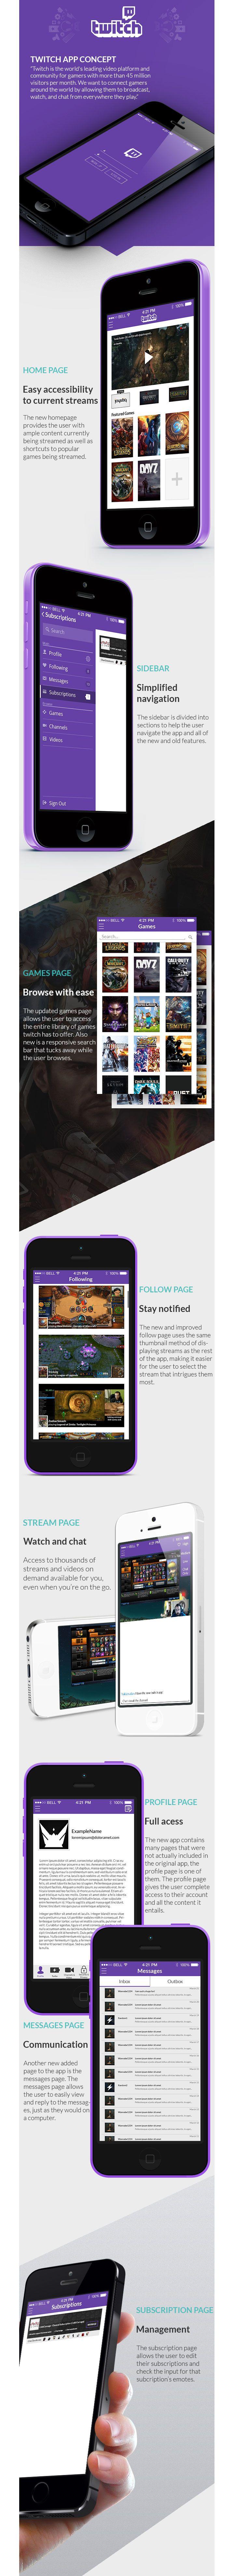 Daily Mobile UI Design Inspiration #254